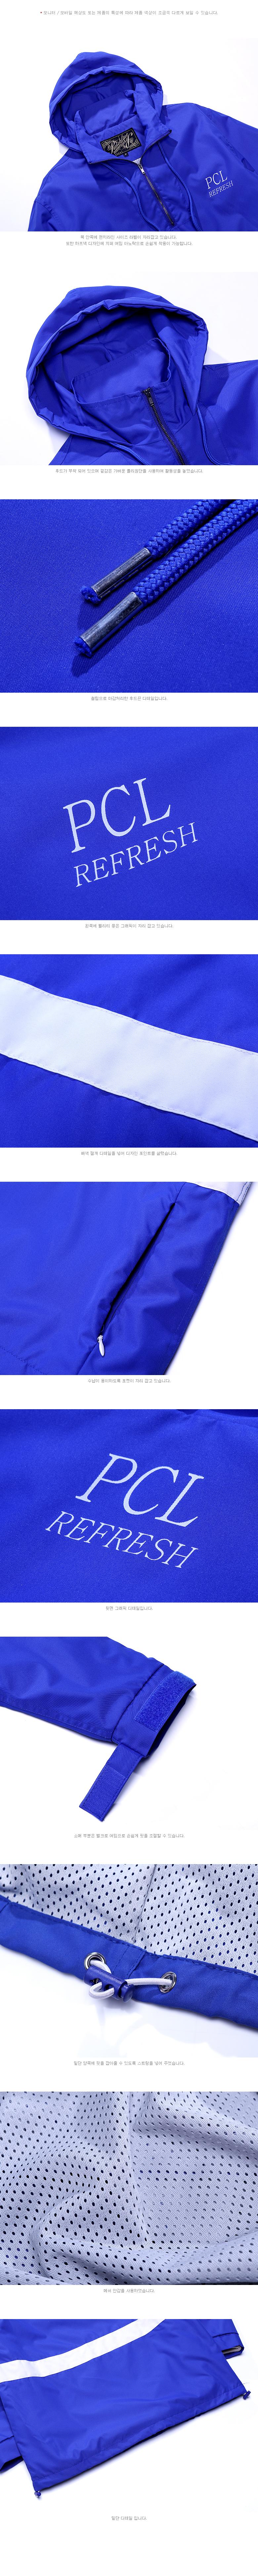 KHOT6141_blue_02.jpg